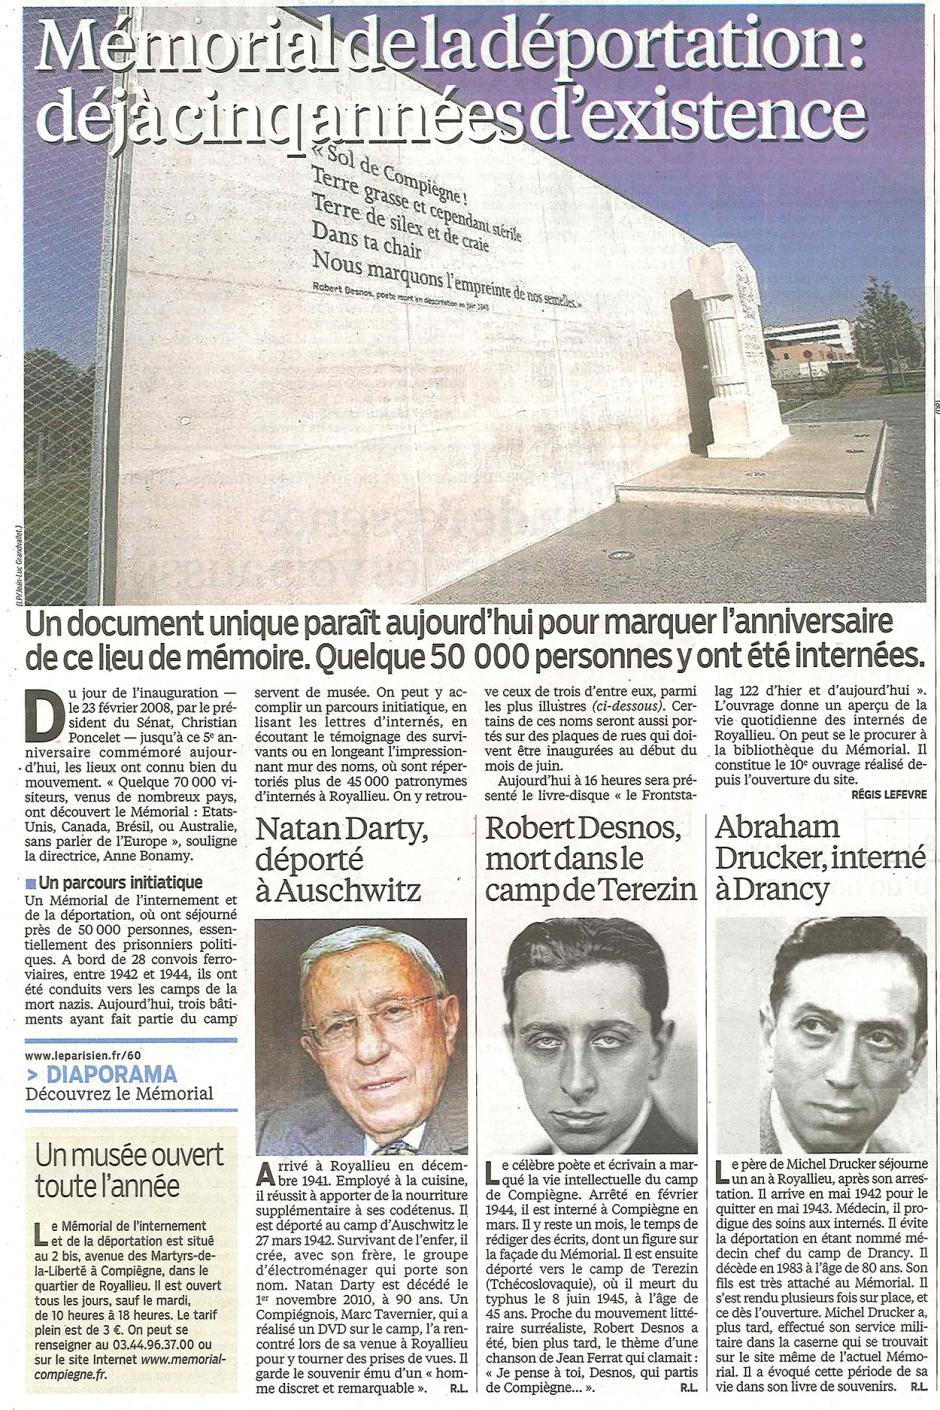 20130302-LeP-Compiègne-Mémorial de la déportation : déjà cinq années d'existence